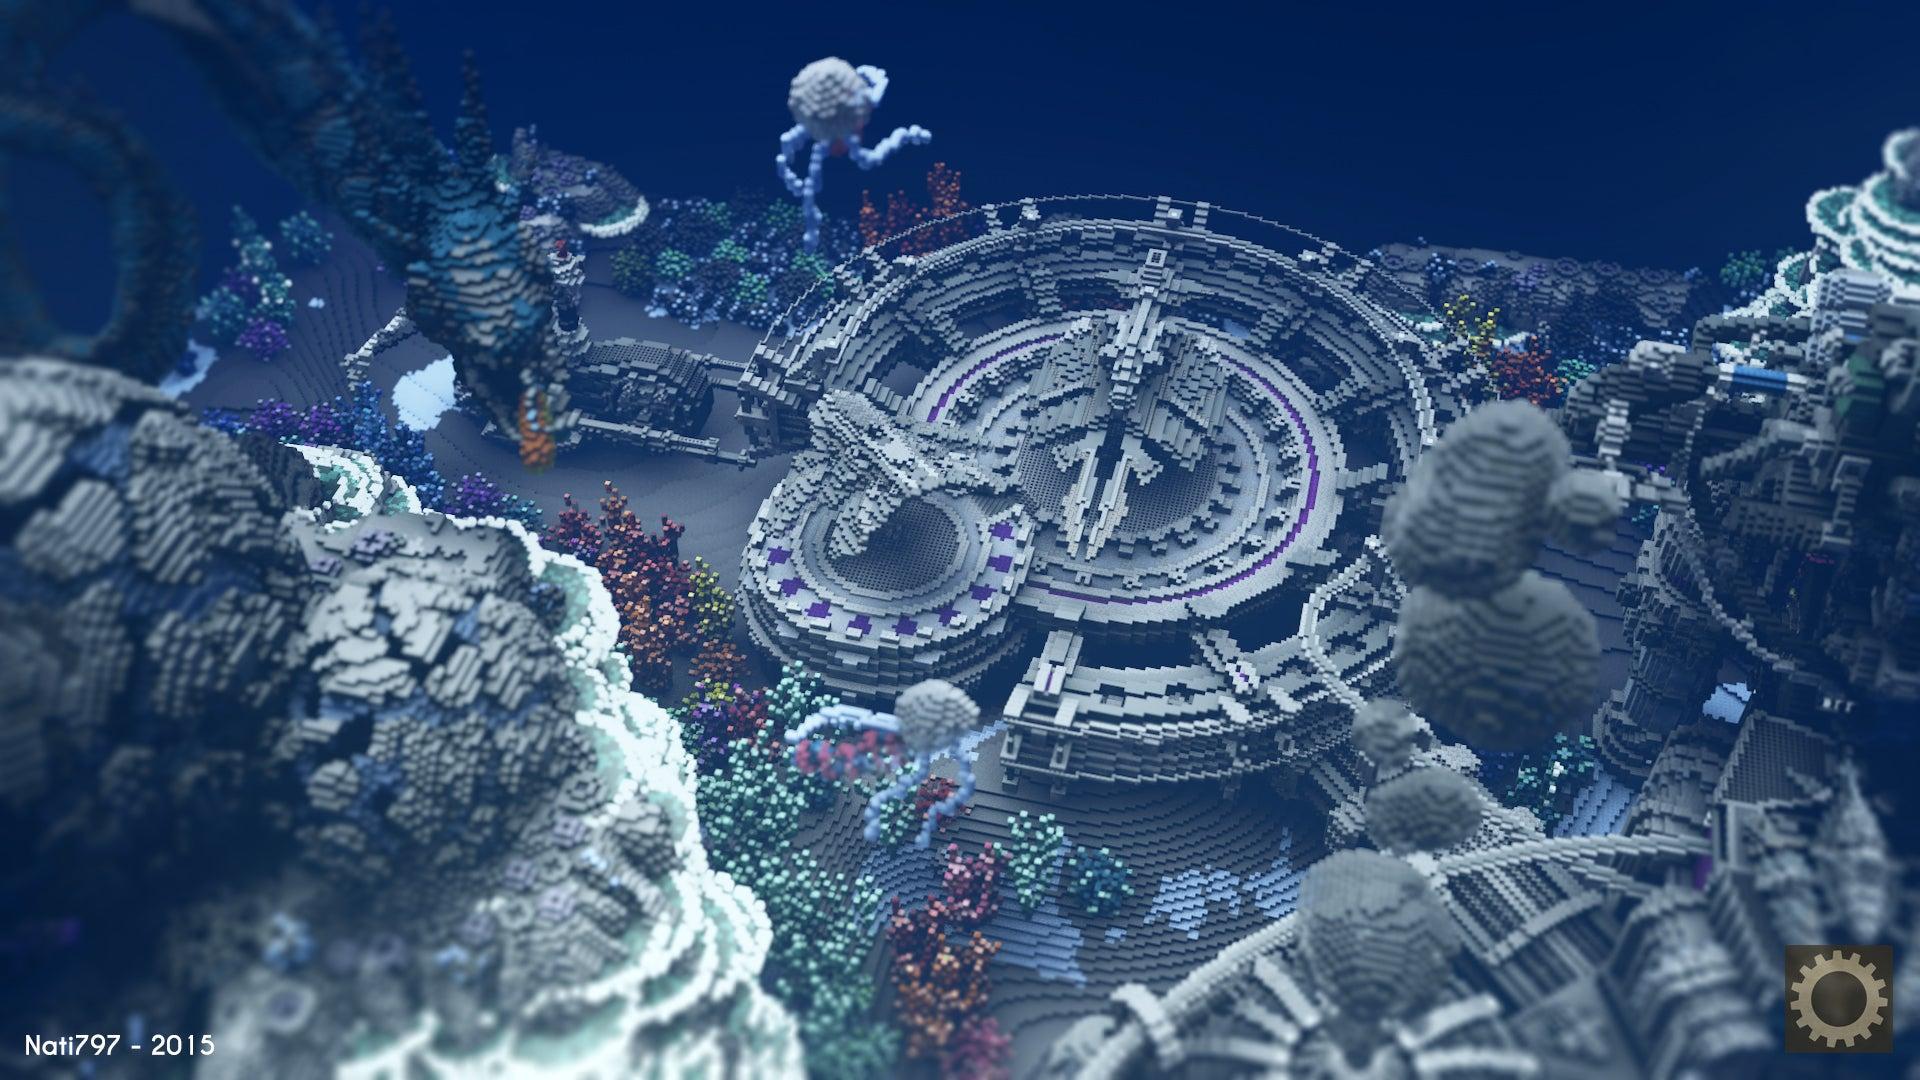 Deep Sea Wonderland Built In Minecraft Looks Incredible